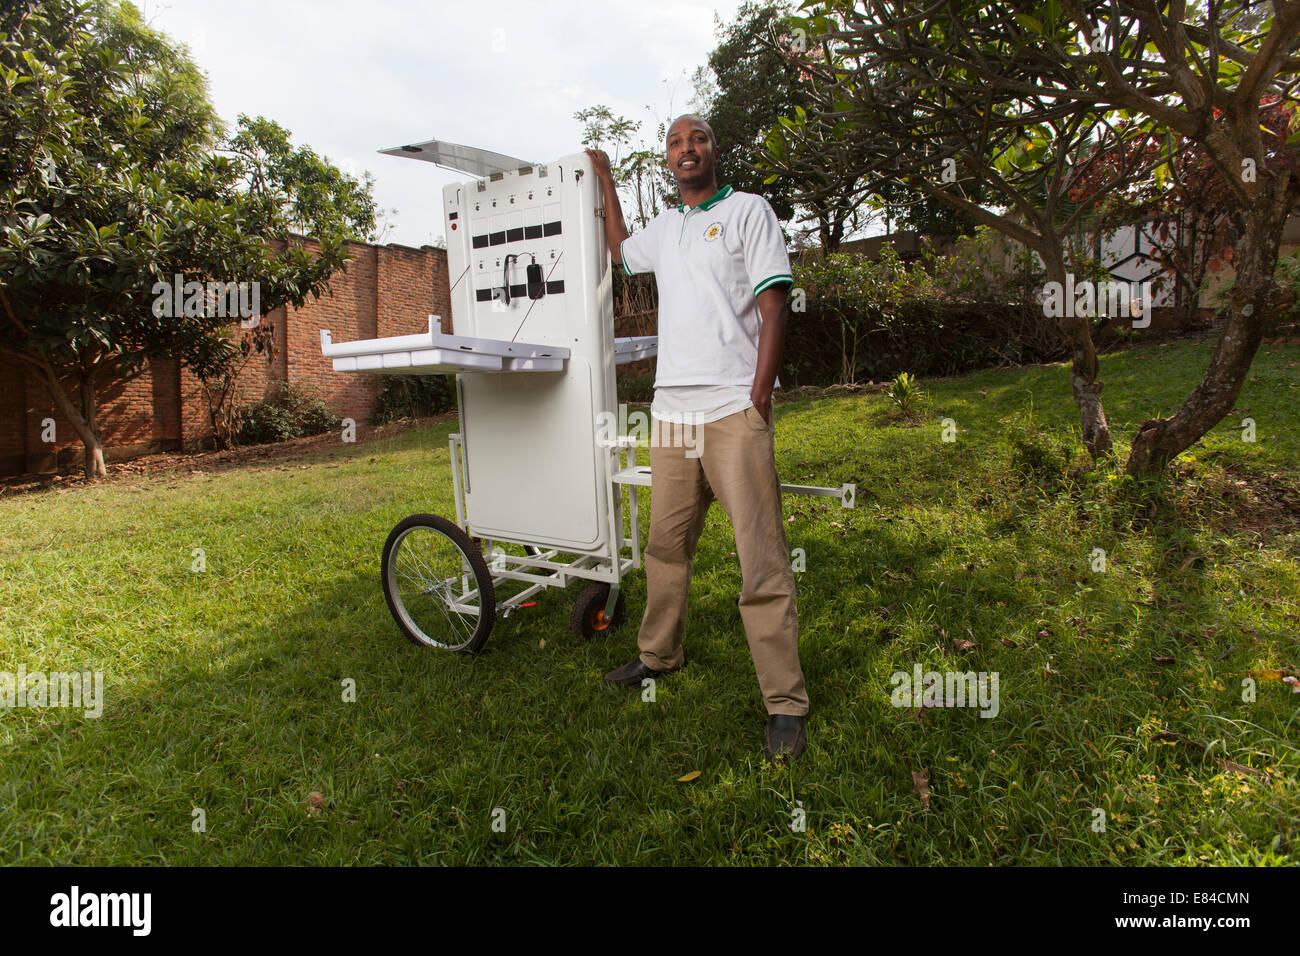 La energía solar empresario posando con un stand portátil diseñado para vender electricidad en comunidades Imagen De Stock